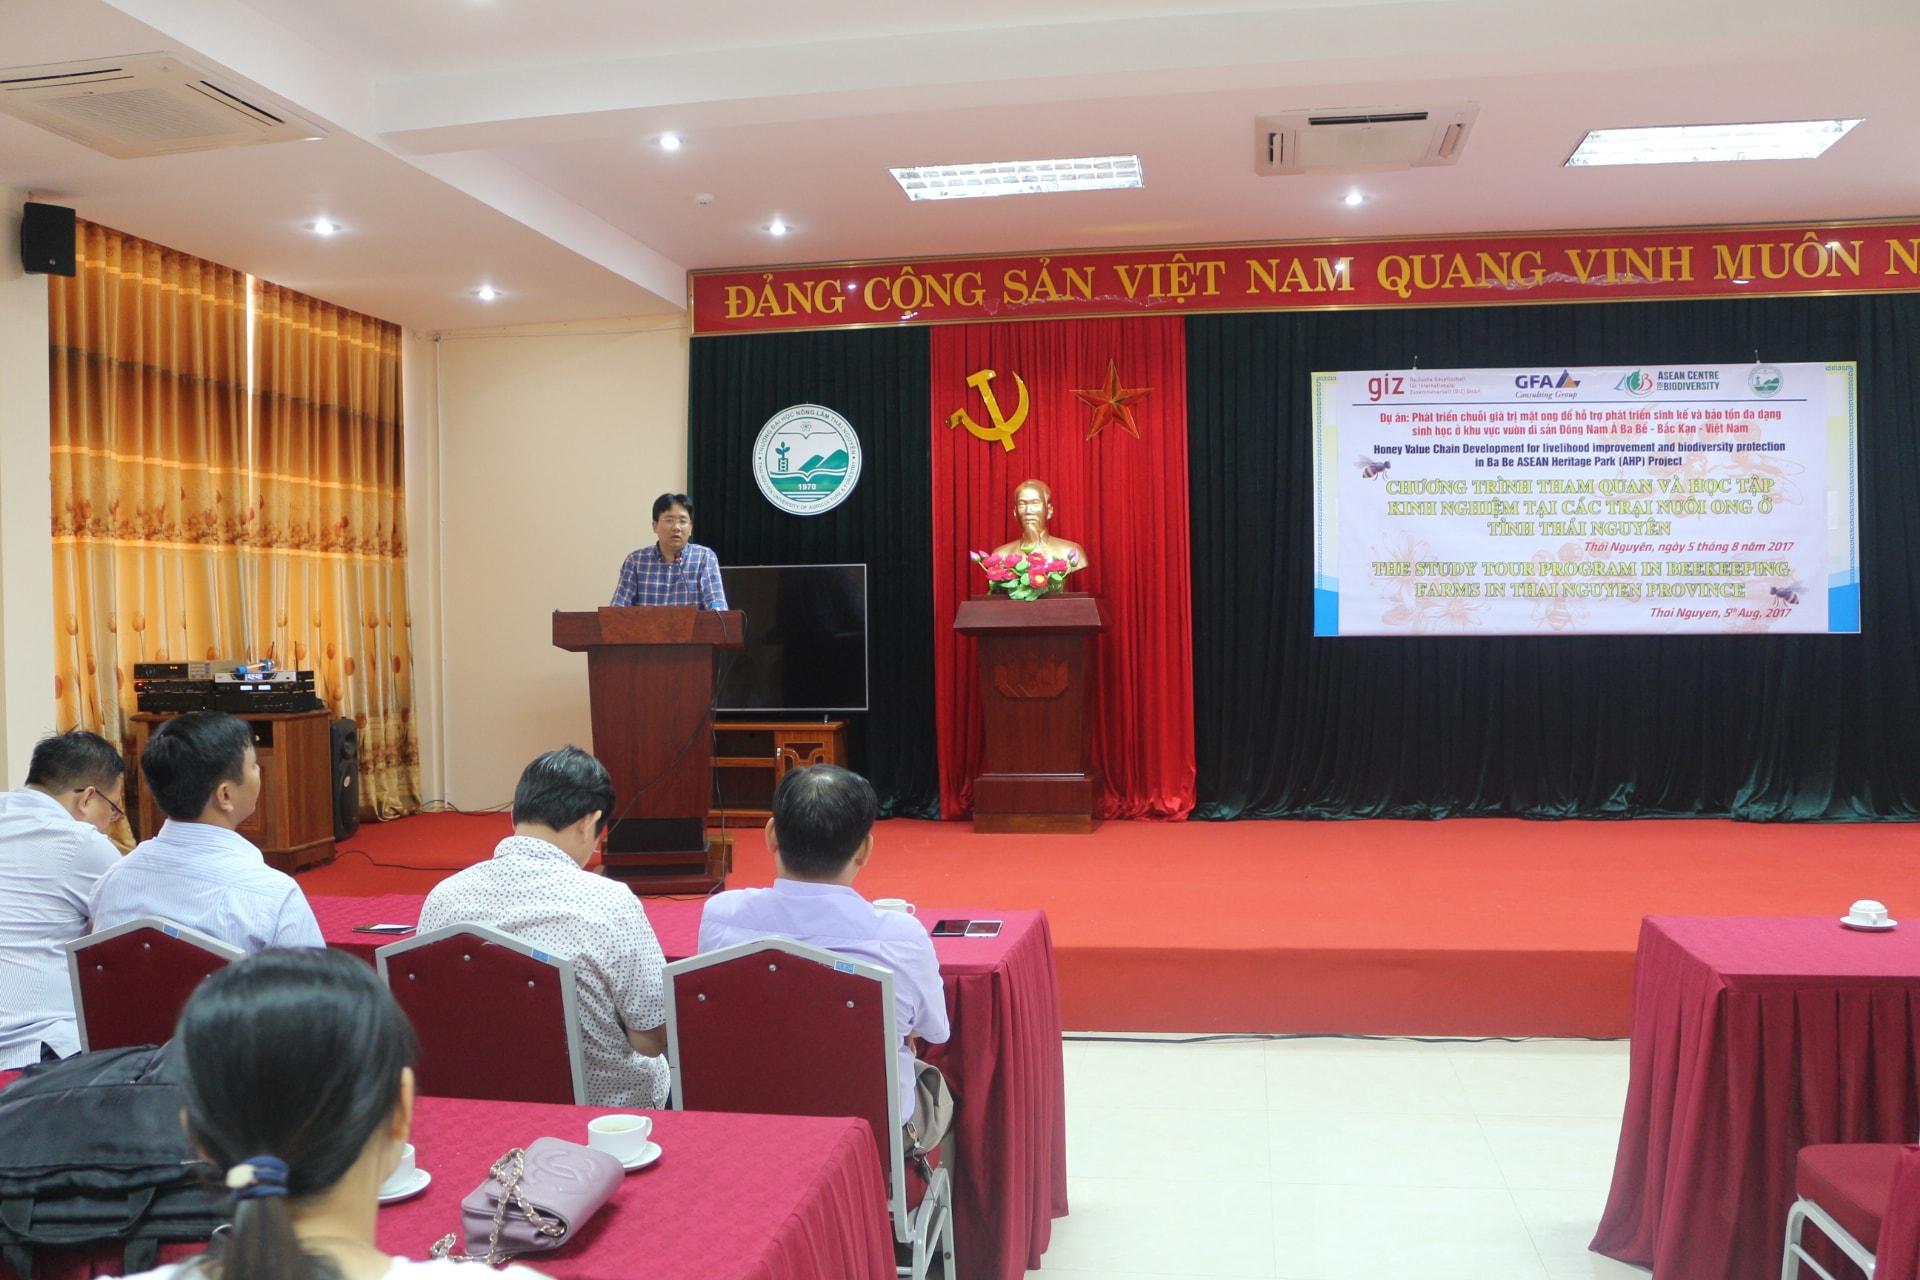 Ông Nguyễn Xuân Dũng, Chánh văn phòng cục bảo tồn Đa dạng sinh học, phát biểu trước hội thảo